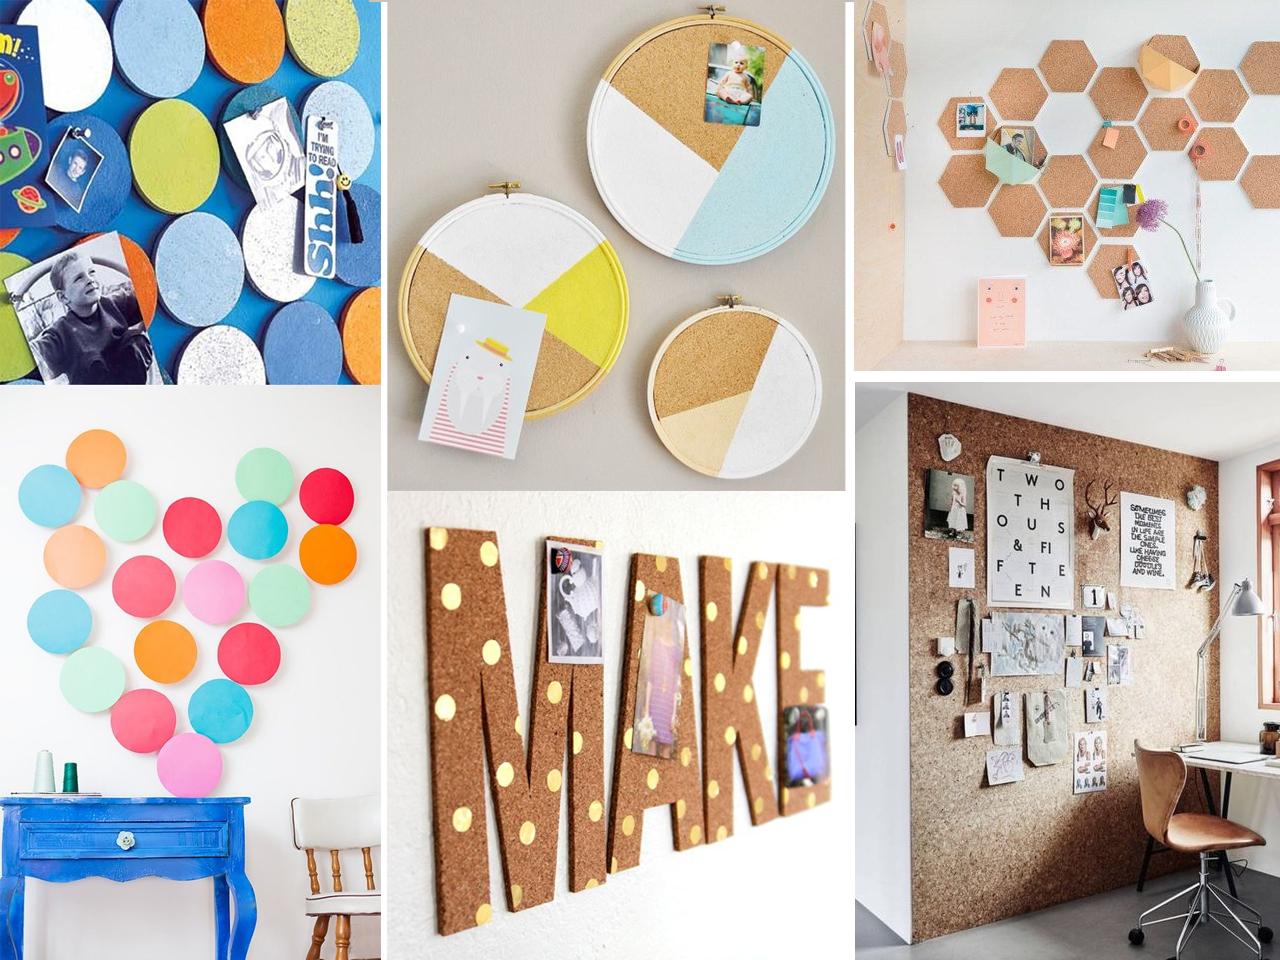 10 ideas de decoraci n con corchos que te sorprender n